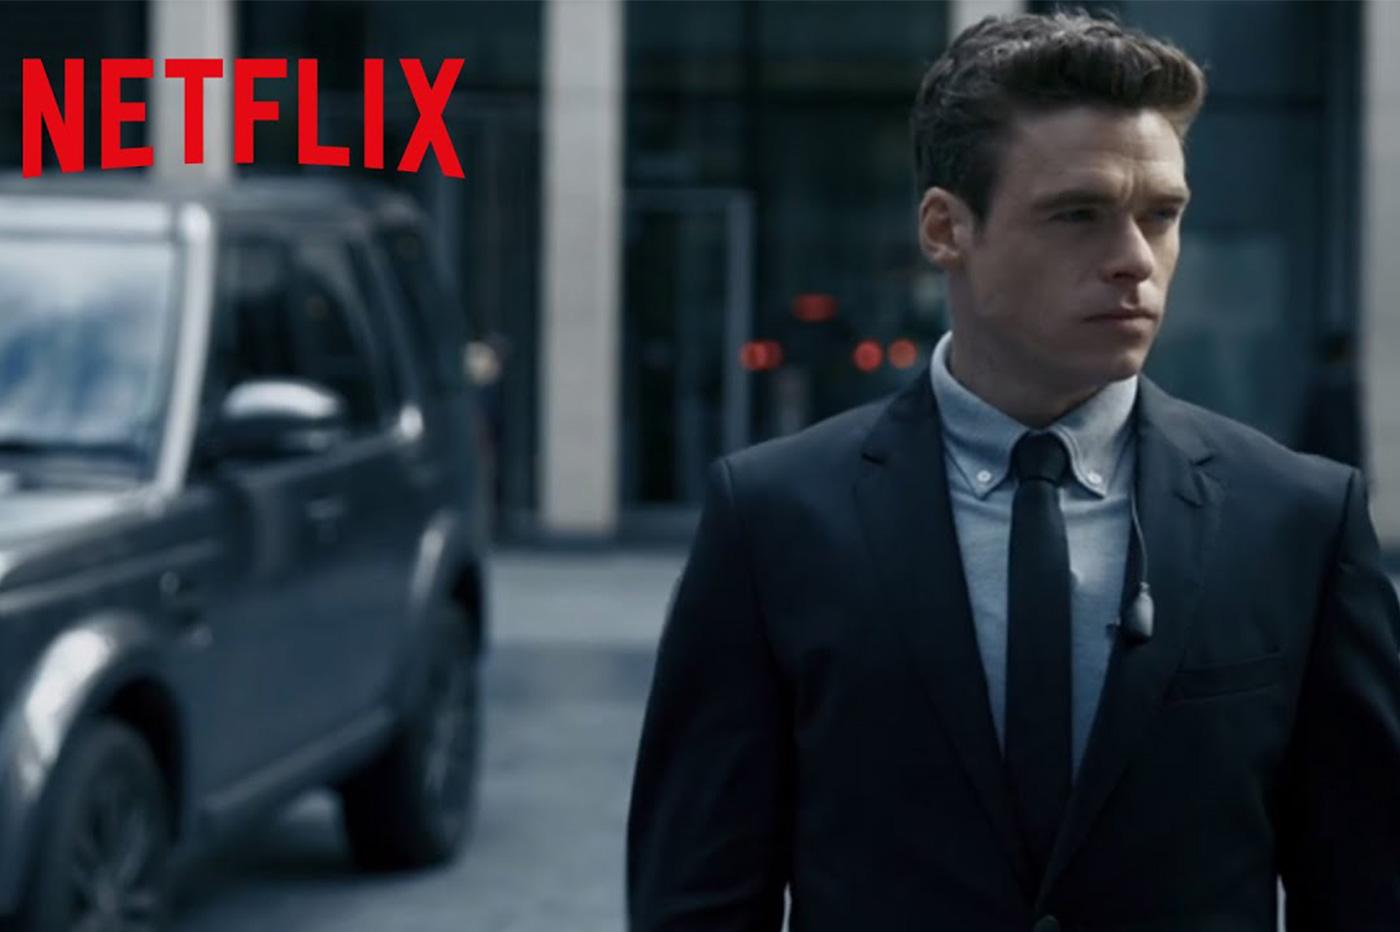 Sur Netflix, voici 5 séries britanniques à découvrir